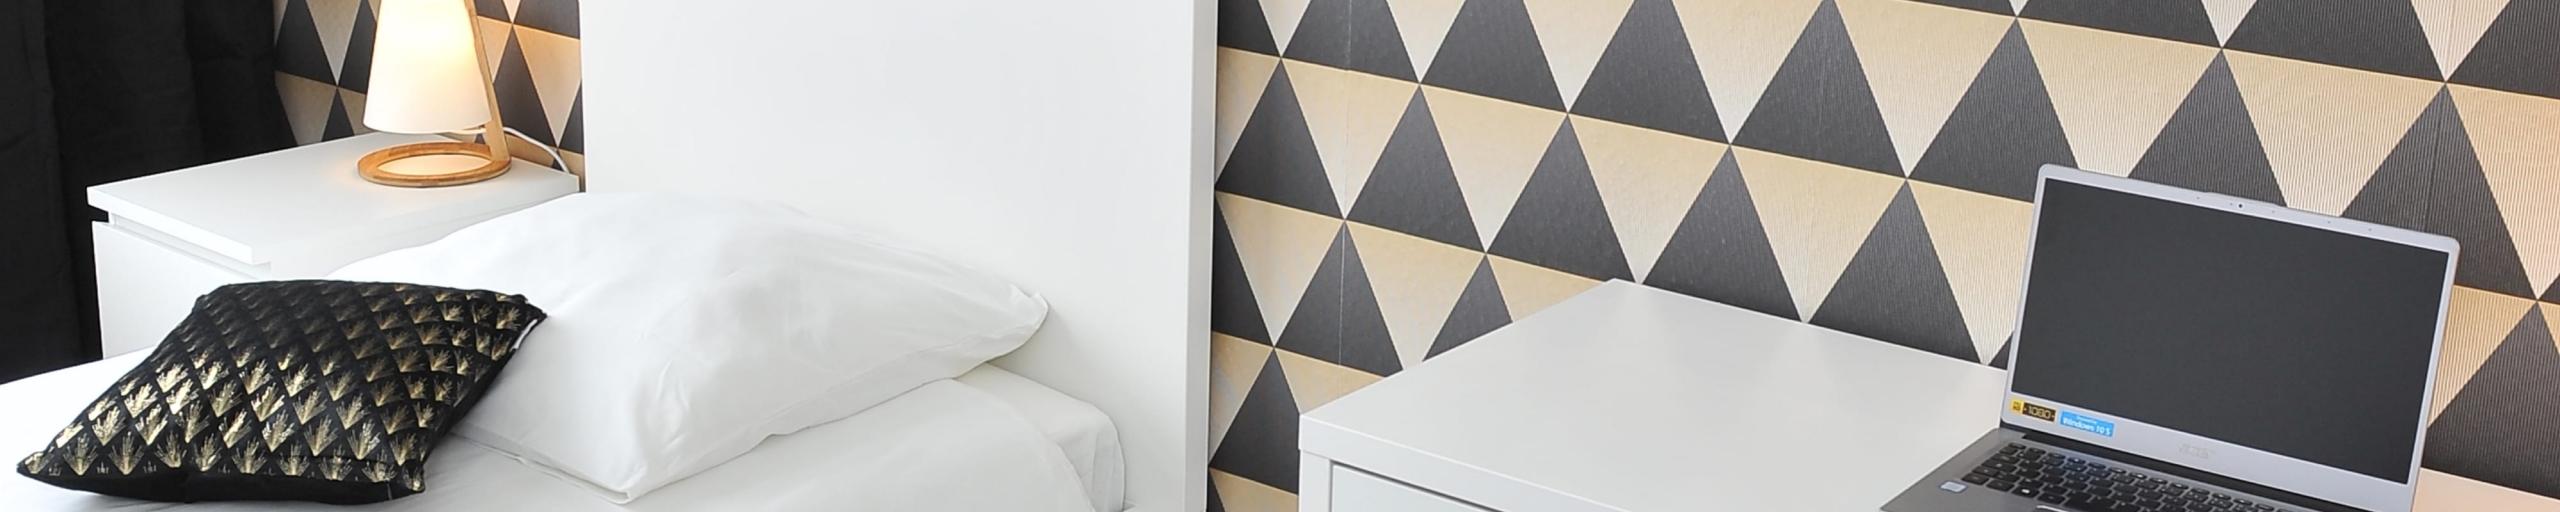 mur-papier-peint-4-murs-noir-dore